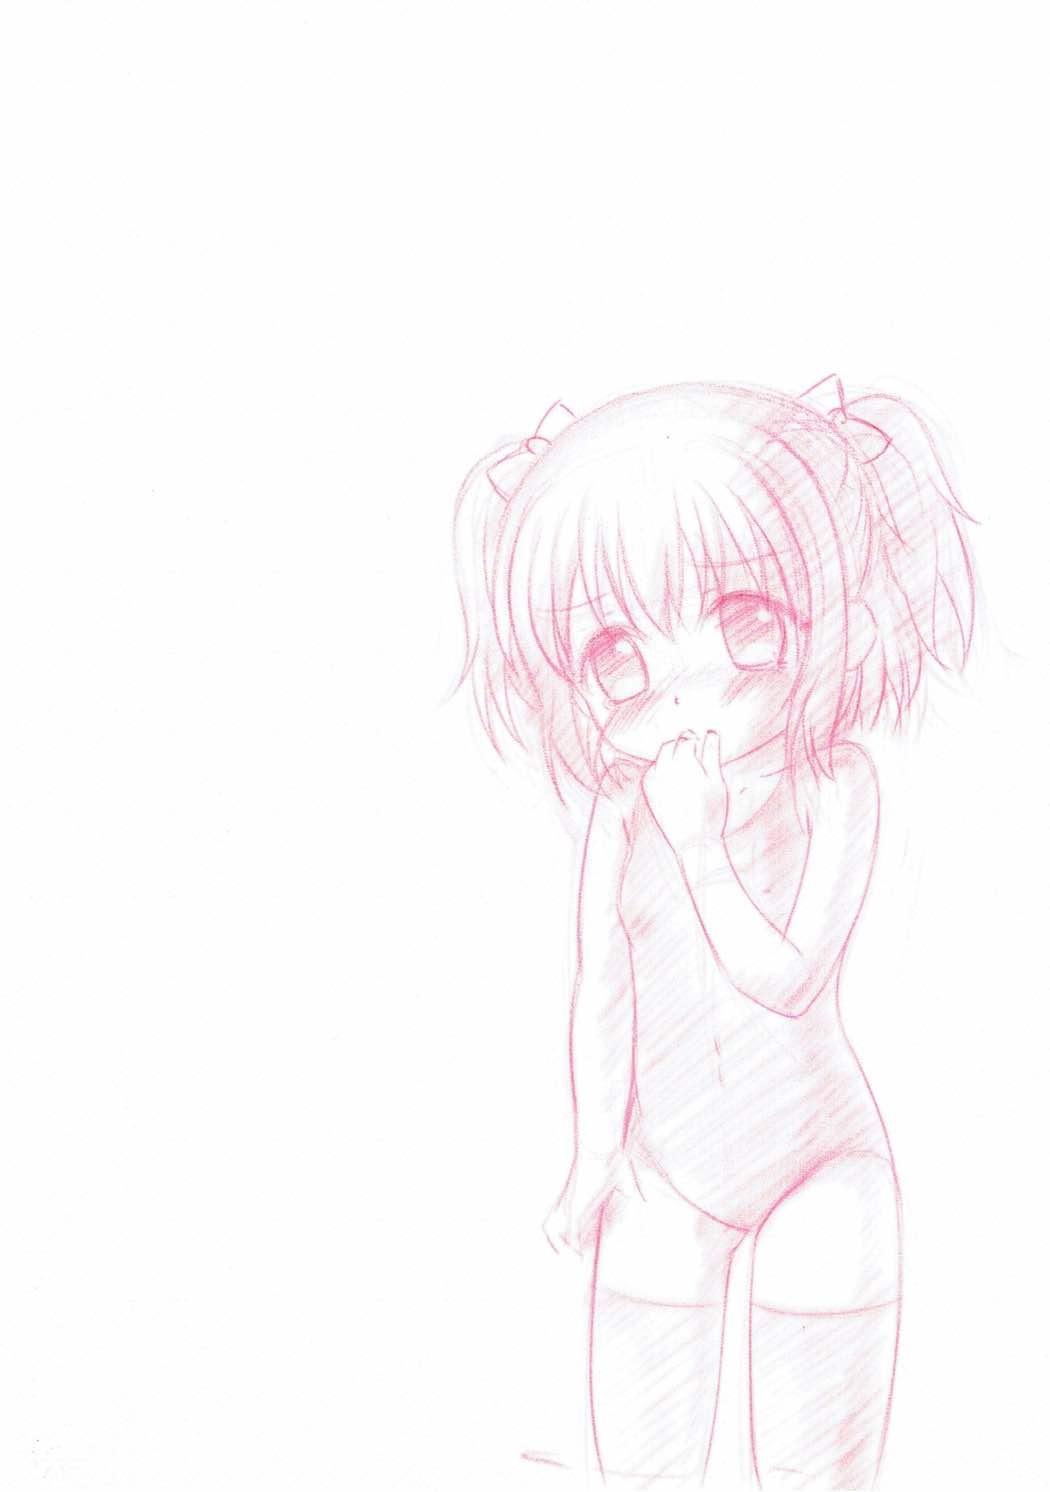 Sukumizu Ruby-chan ni XXX 1